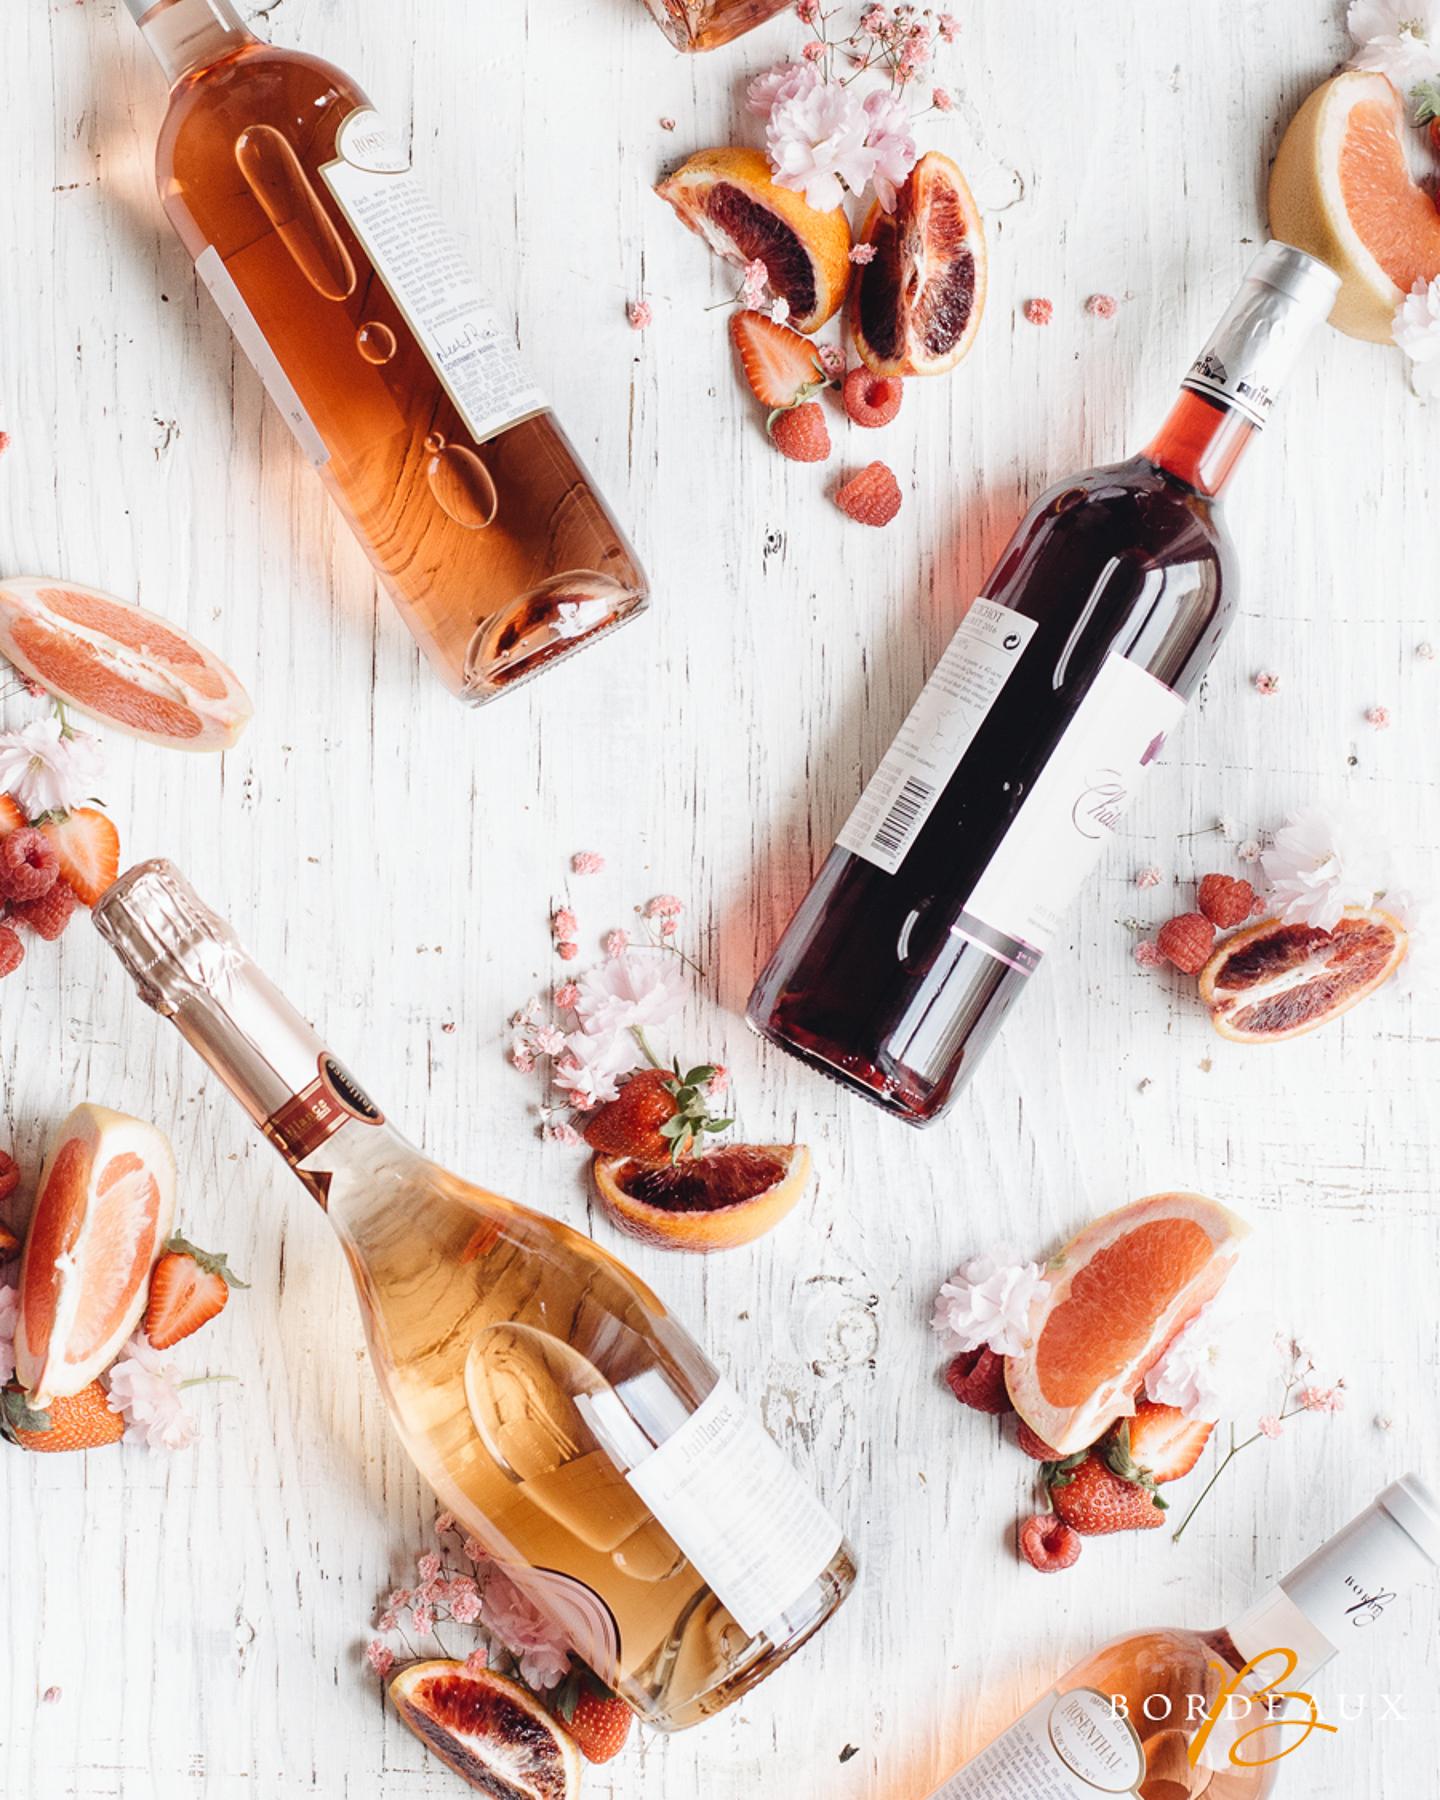 roséwijnen aperitief Bordeaux